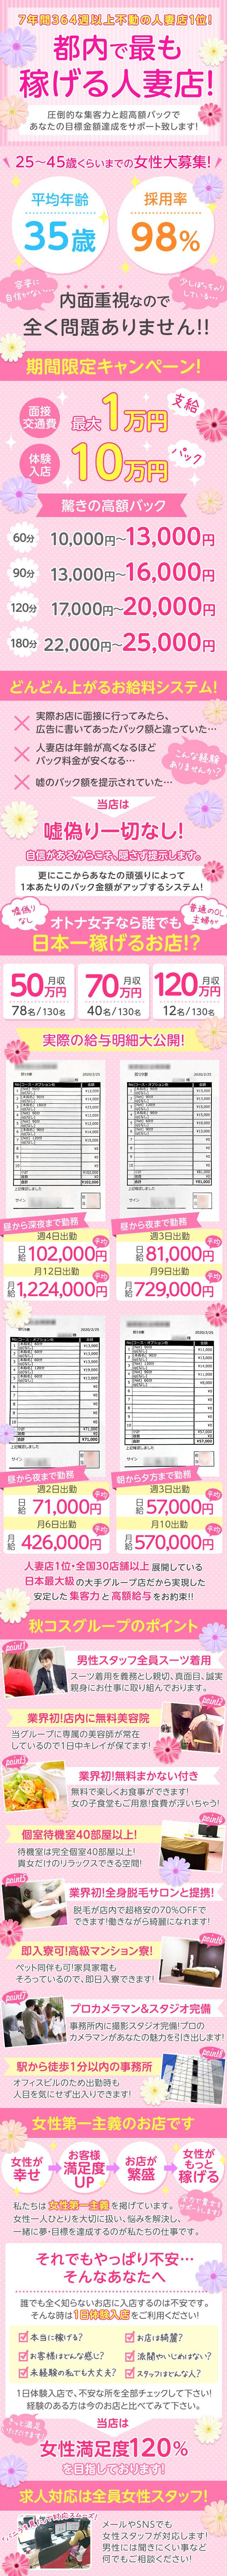 0407_即19妻-鶯谷店_急募_修正(高画質)